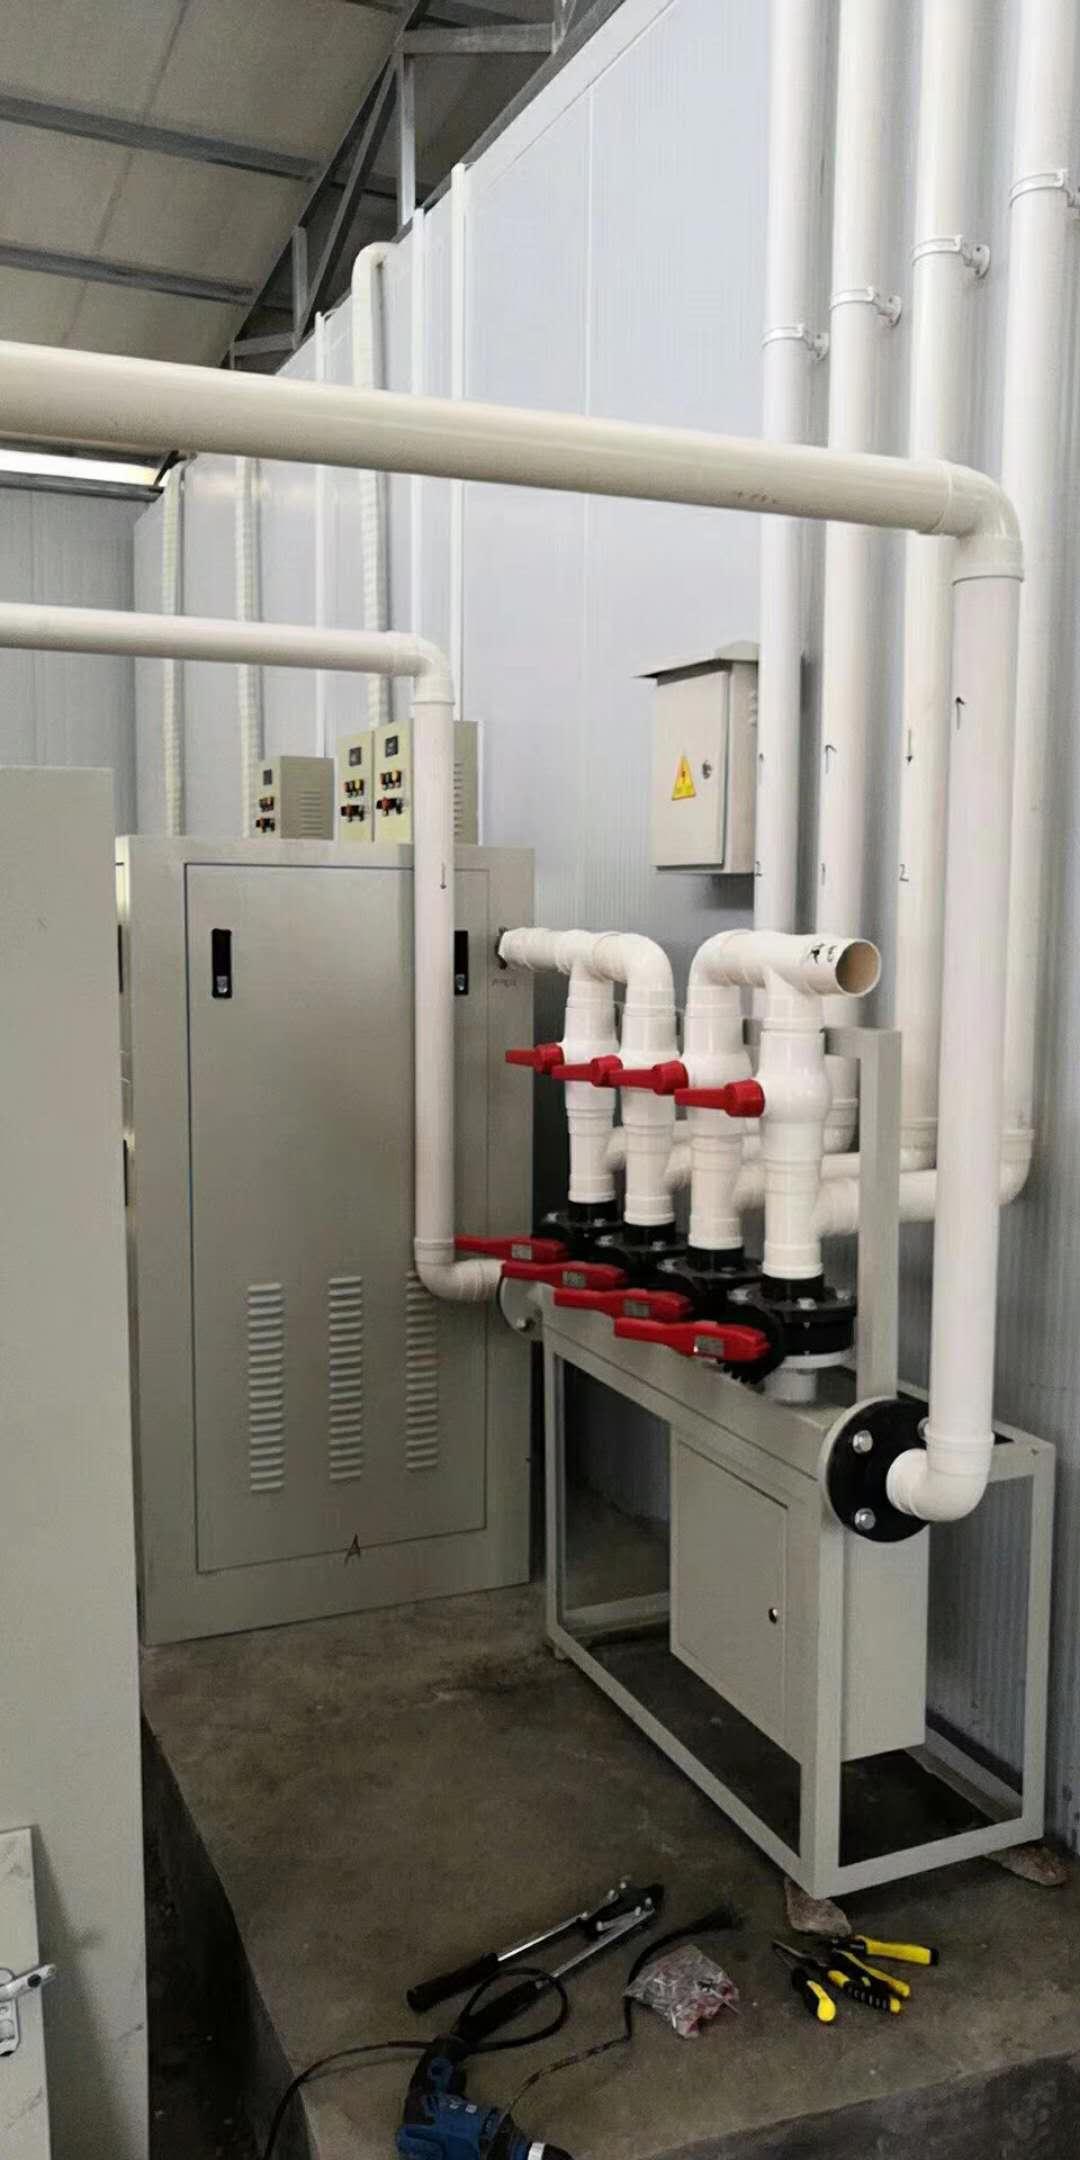 二氧化碳保鲜库|专业的气调保鲜库供应